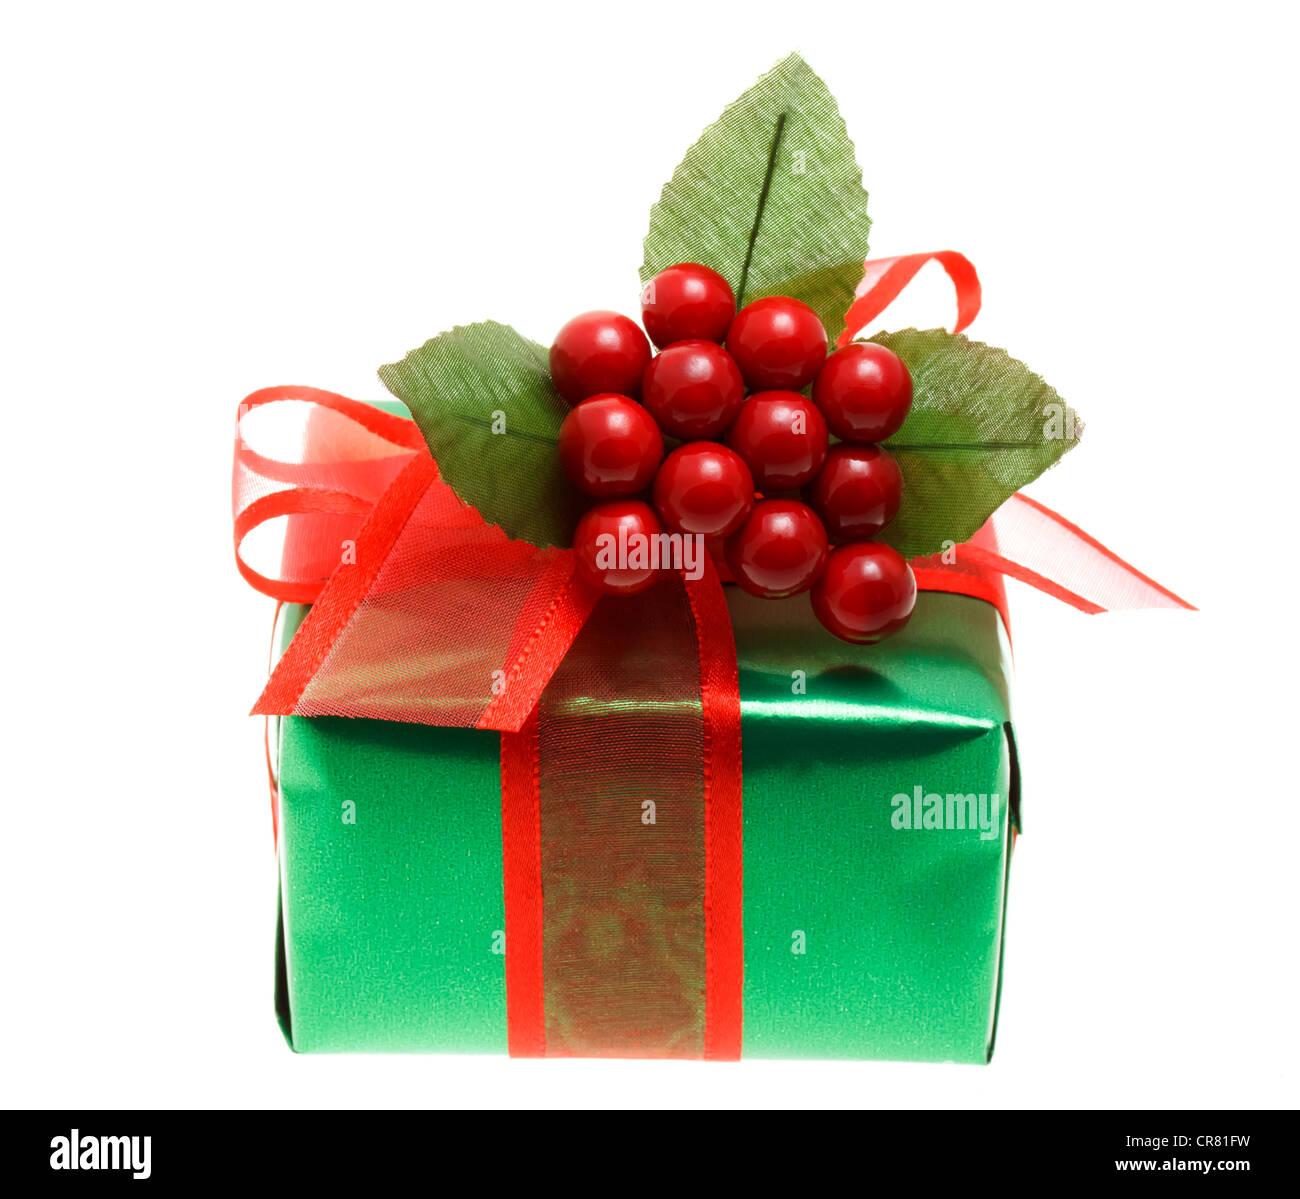 Regalo de Navidad (Caja de regalo) Imagen De Stock